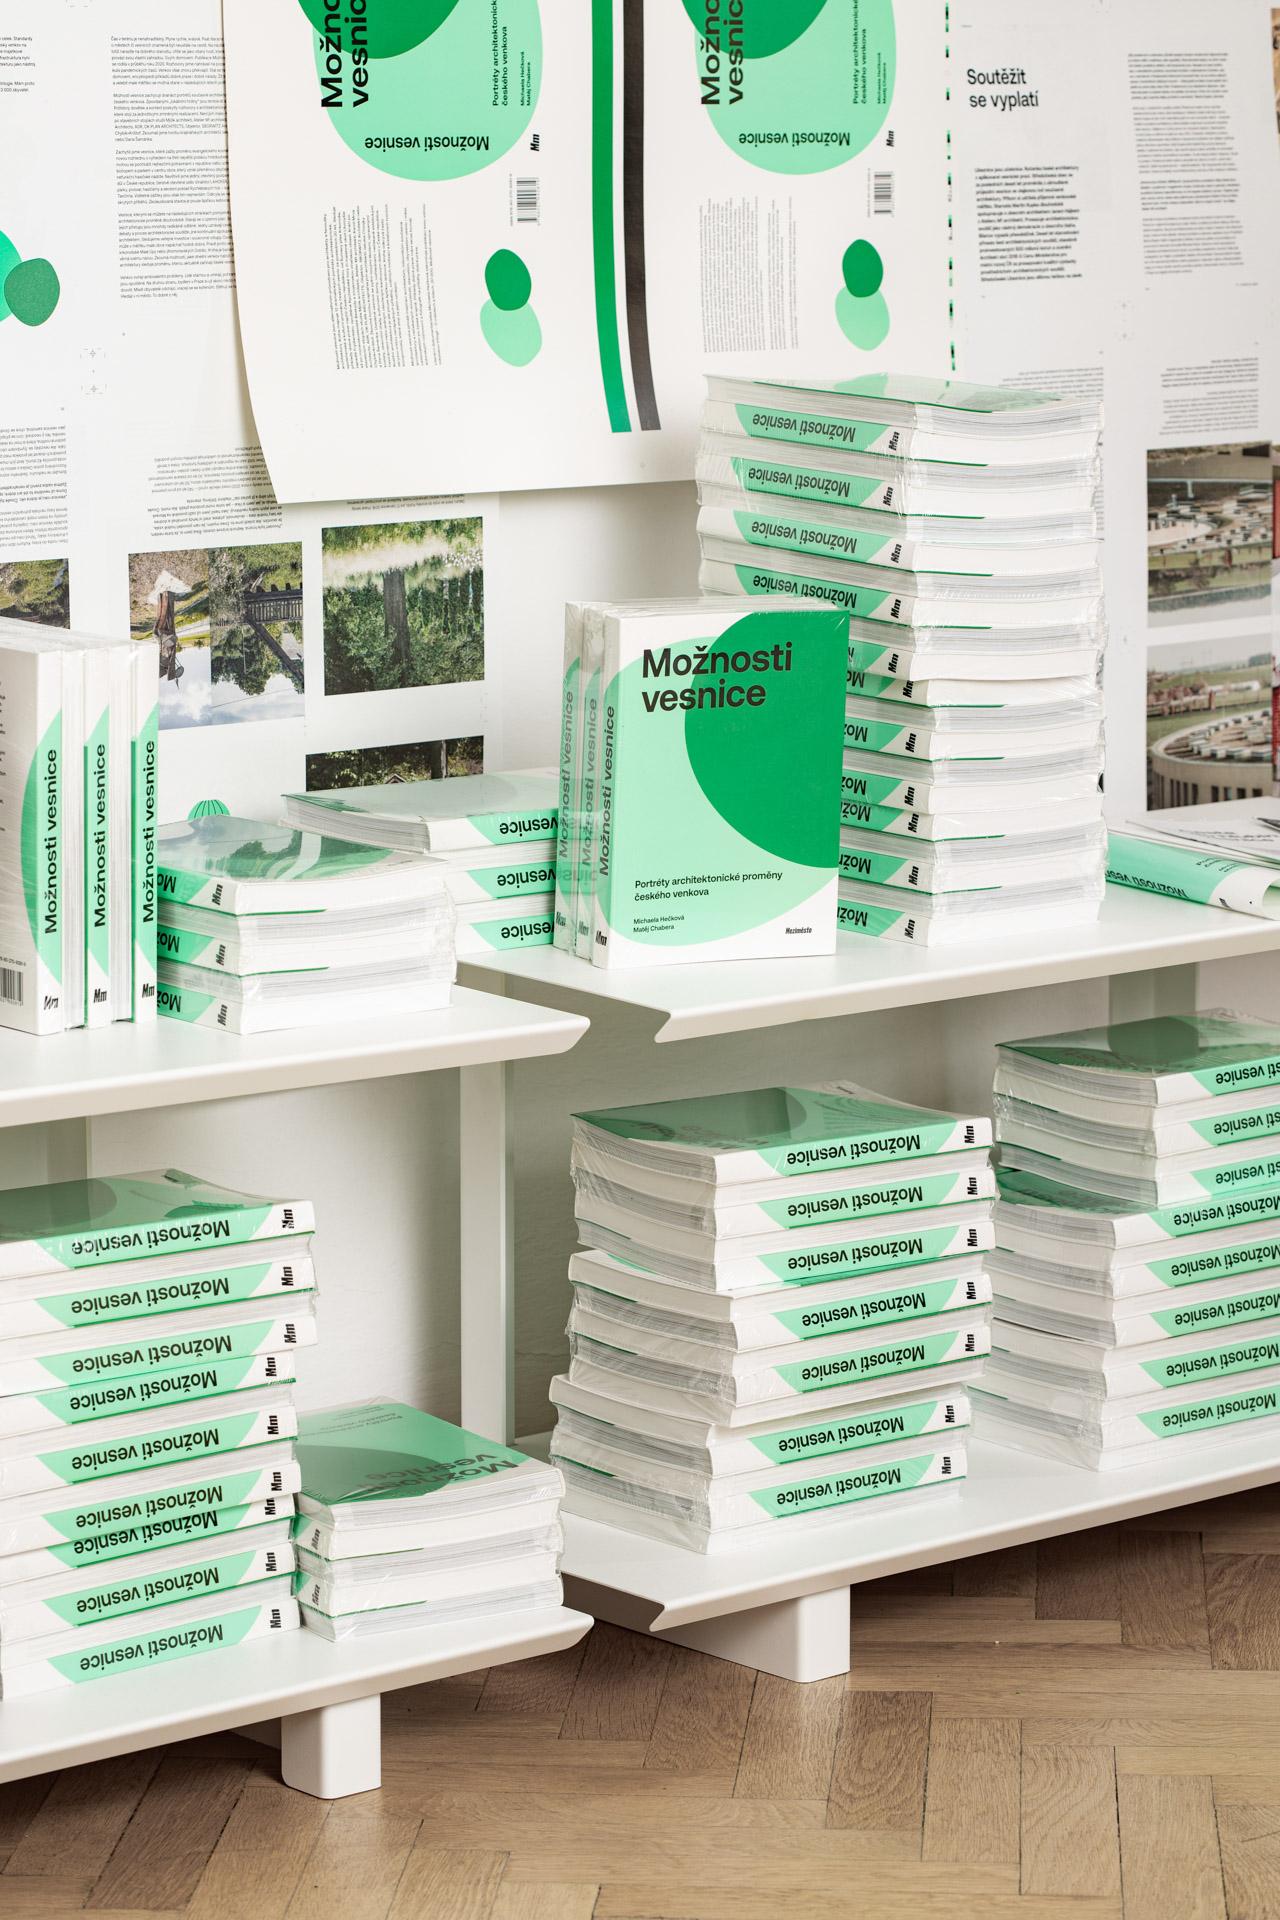 Nakladatelství Meziměsto – kniha Možnosti vesnice – zabalené knihy a tiskové archy